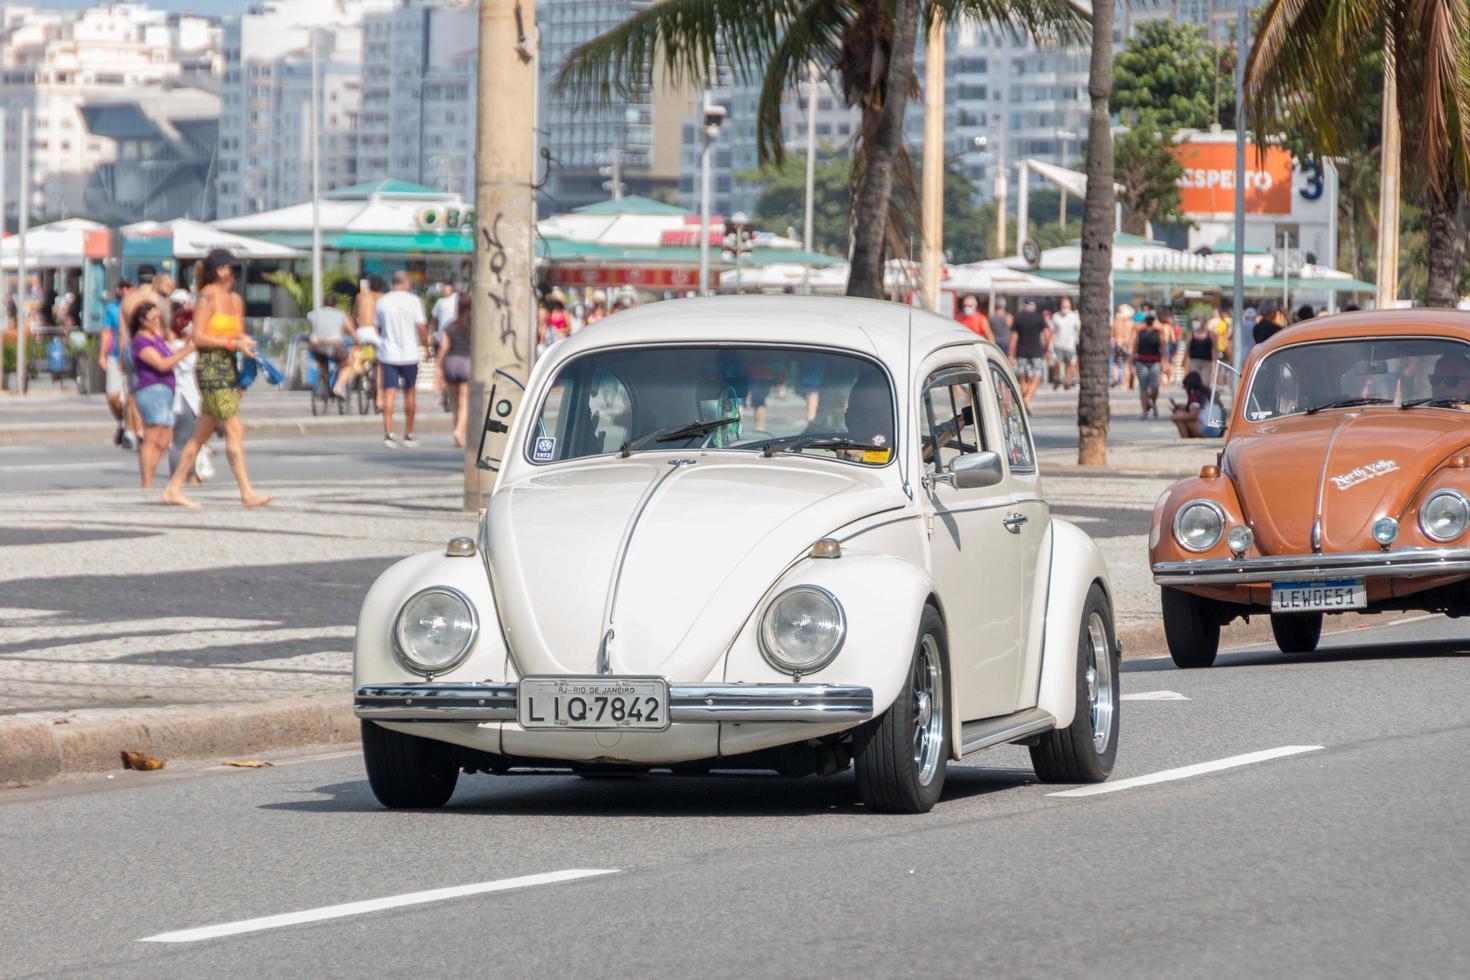 rio de janeiro, brasile, 2021 - auto scarabeo sulla spiaggia di copacabana foto